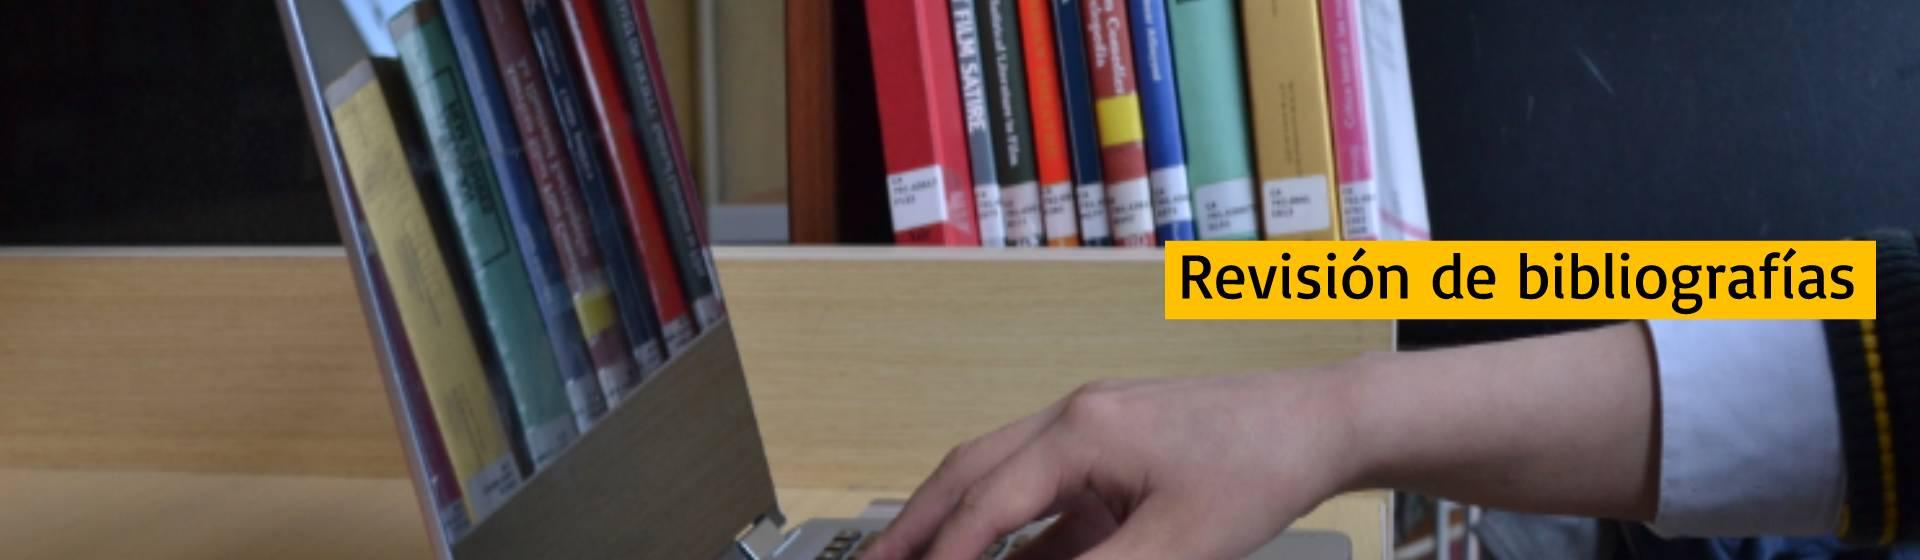 Revisión de bibliografías | Uniandes